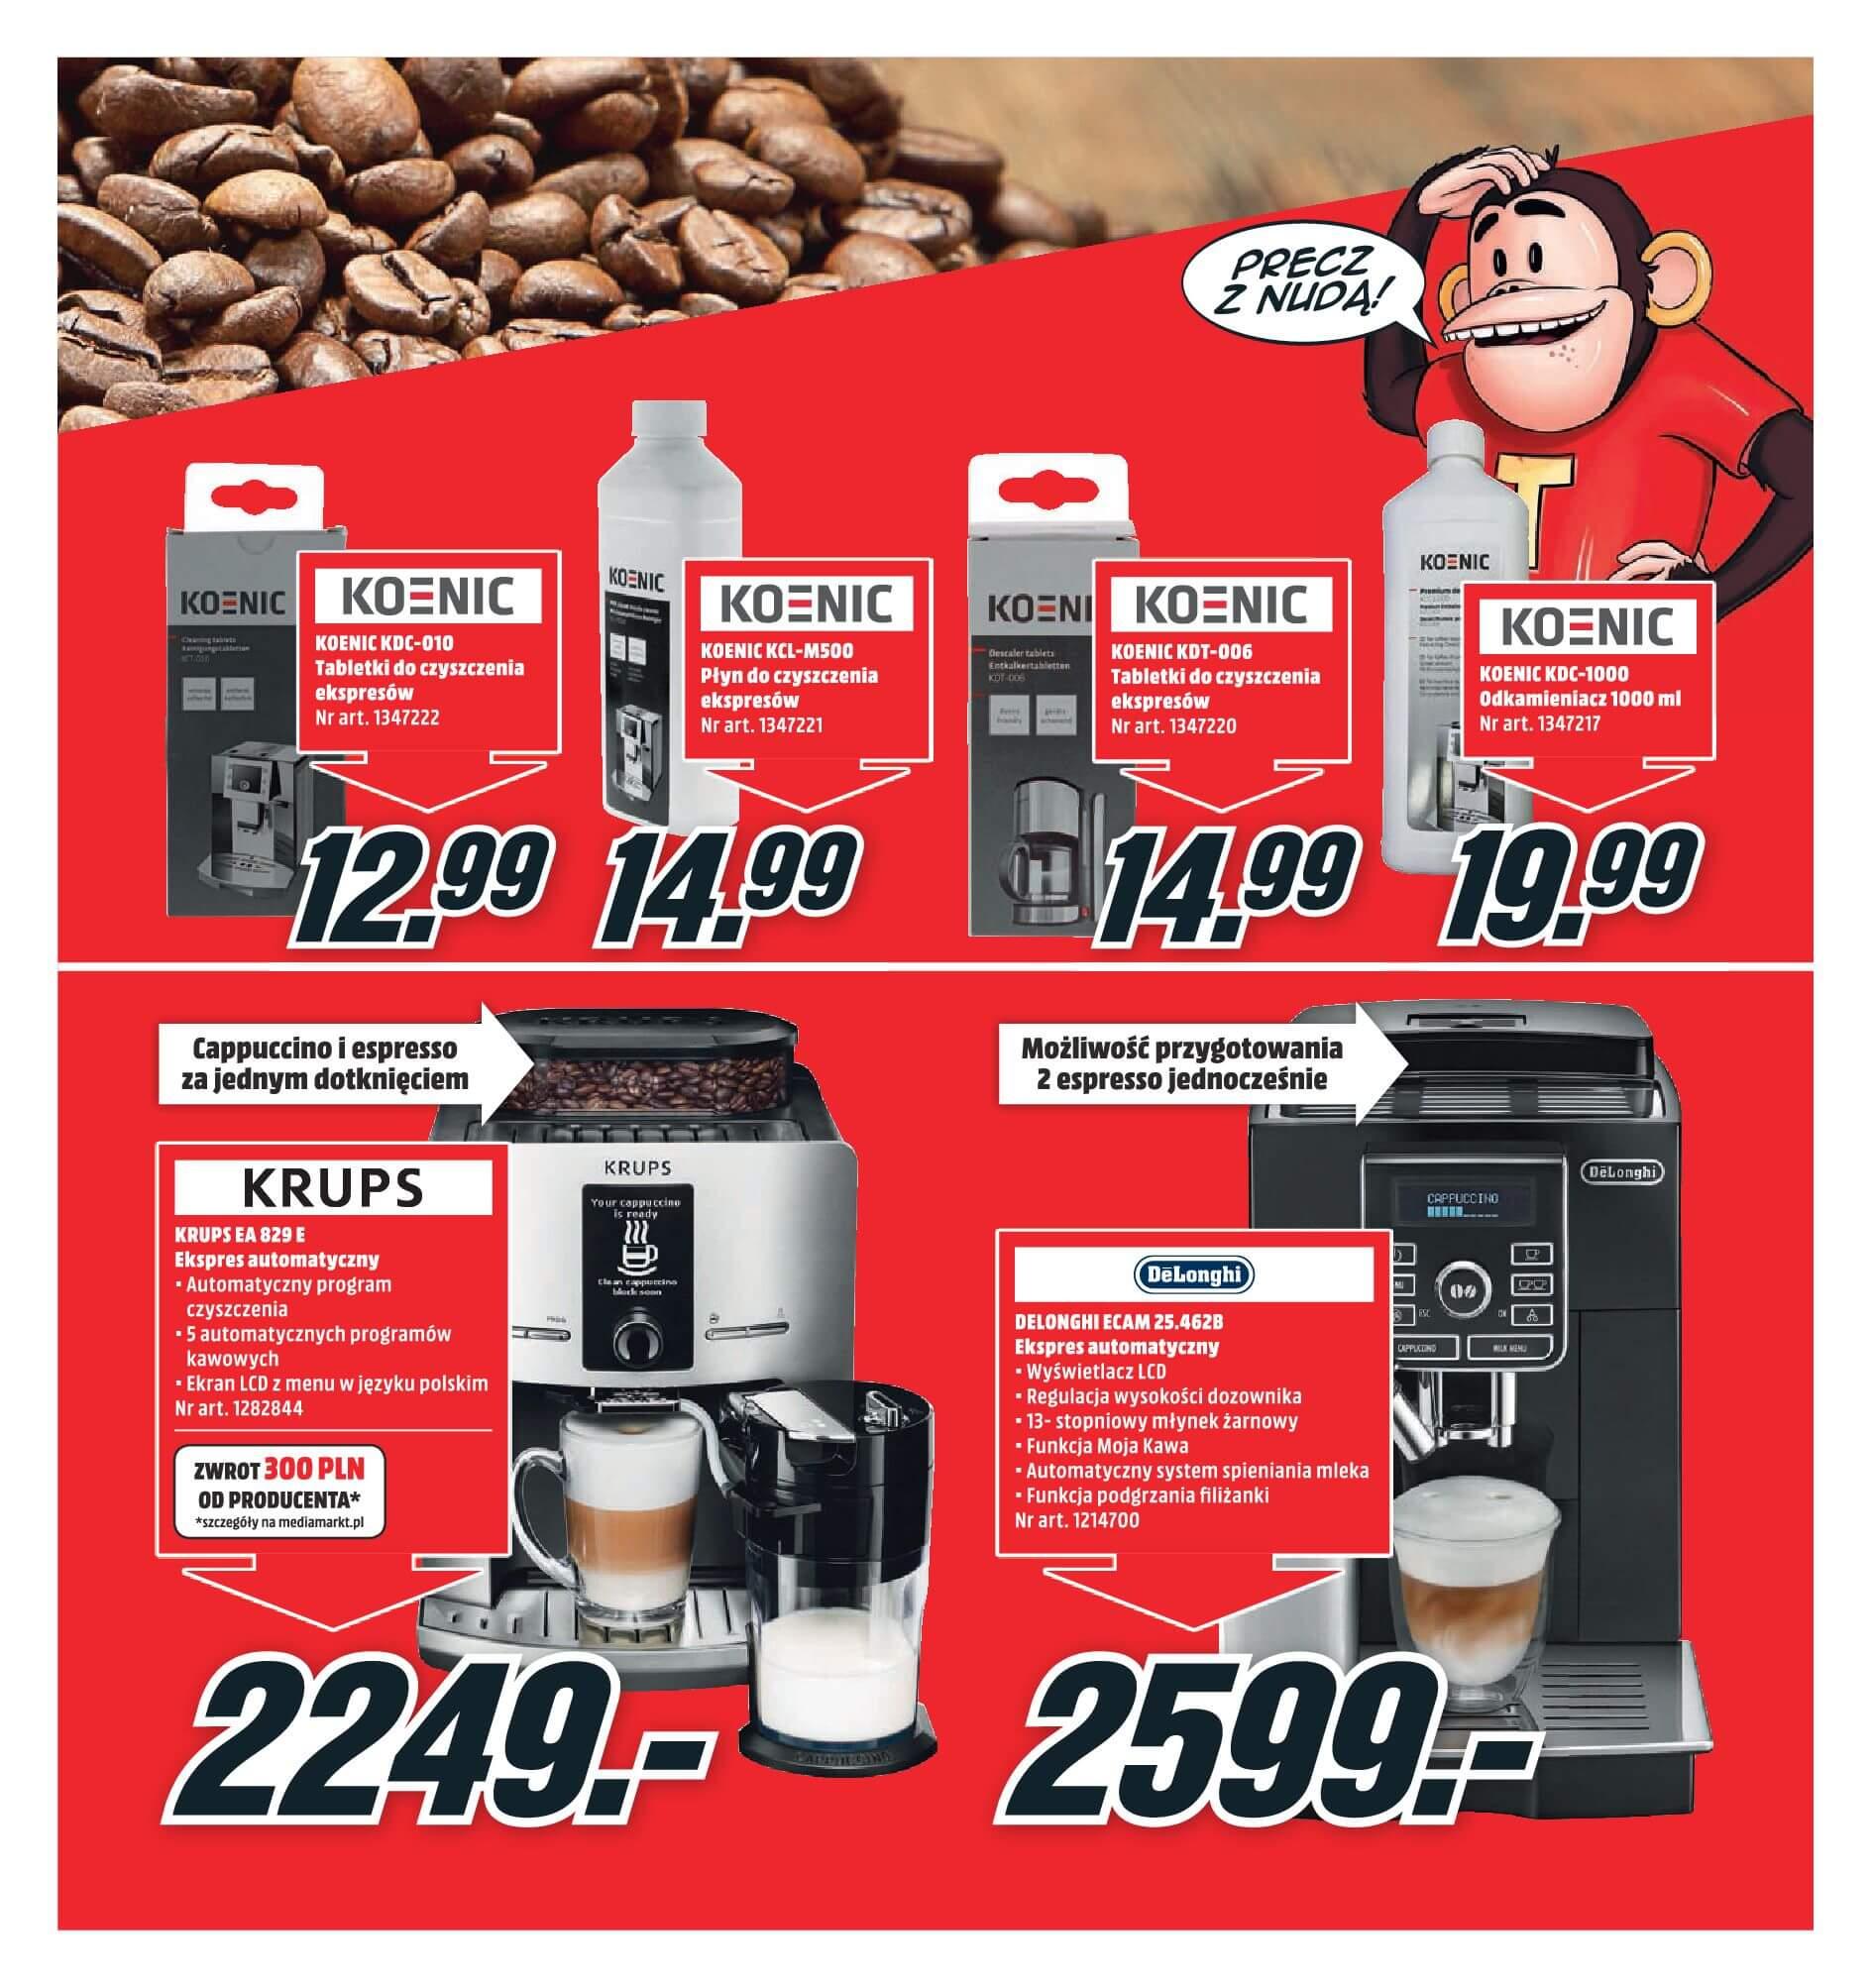 Gazetka Media Markt - Oferta na ekspresy do kawy, blendery, odkurzacze-2017-11-19-2017-12-10-page-3